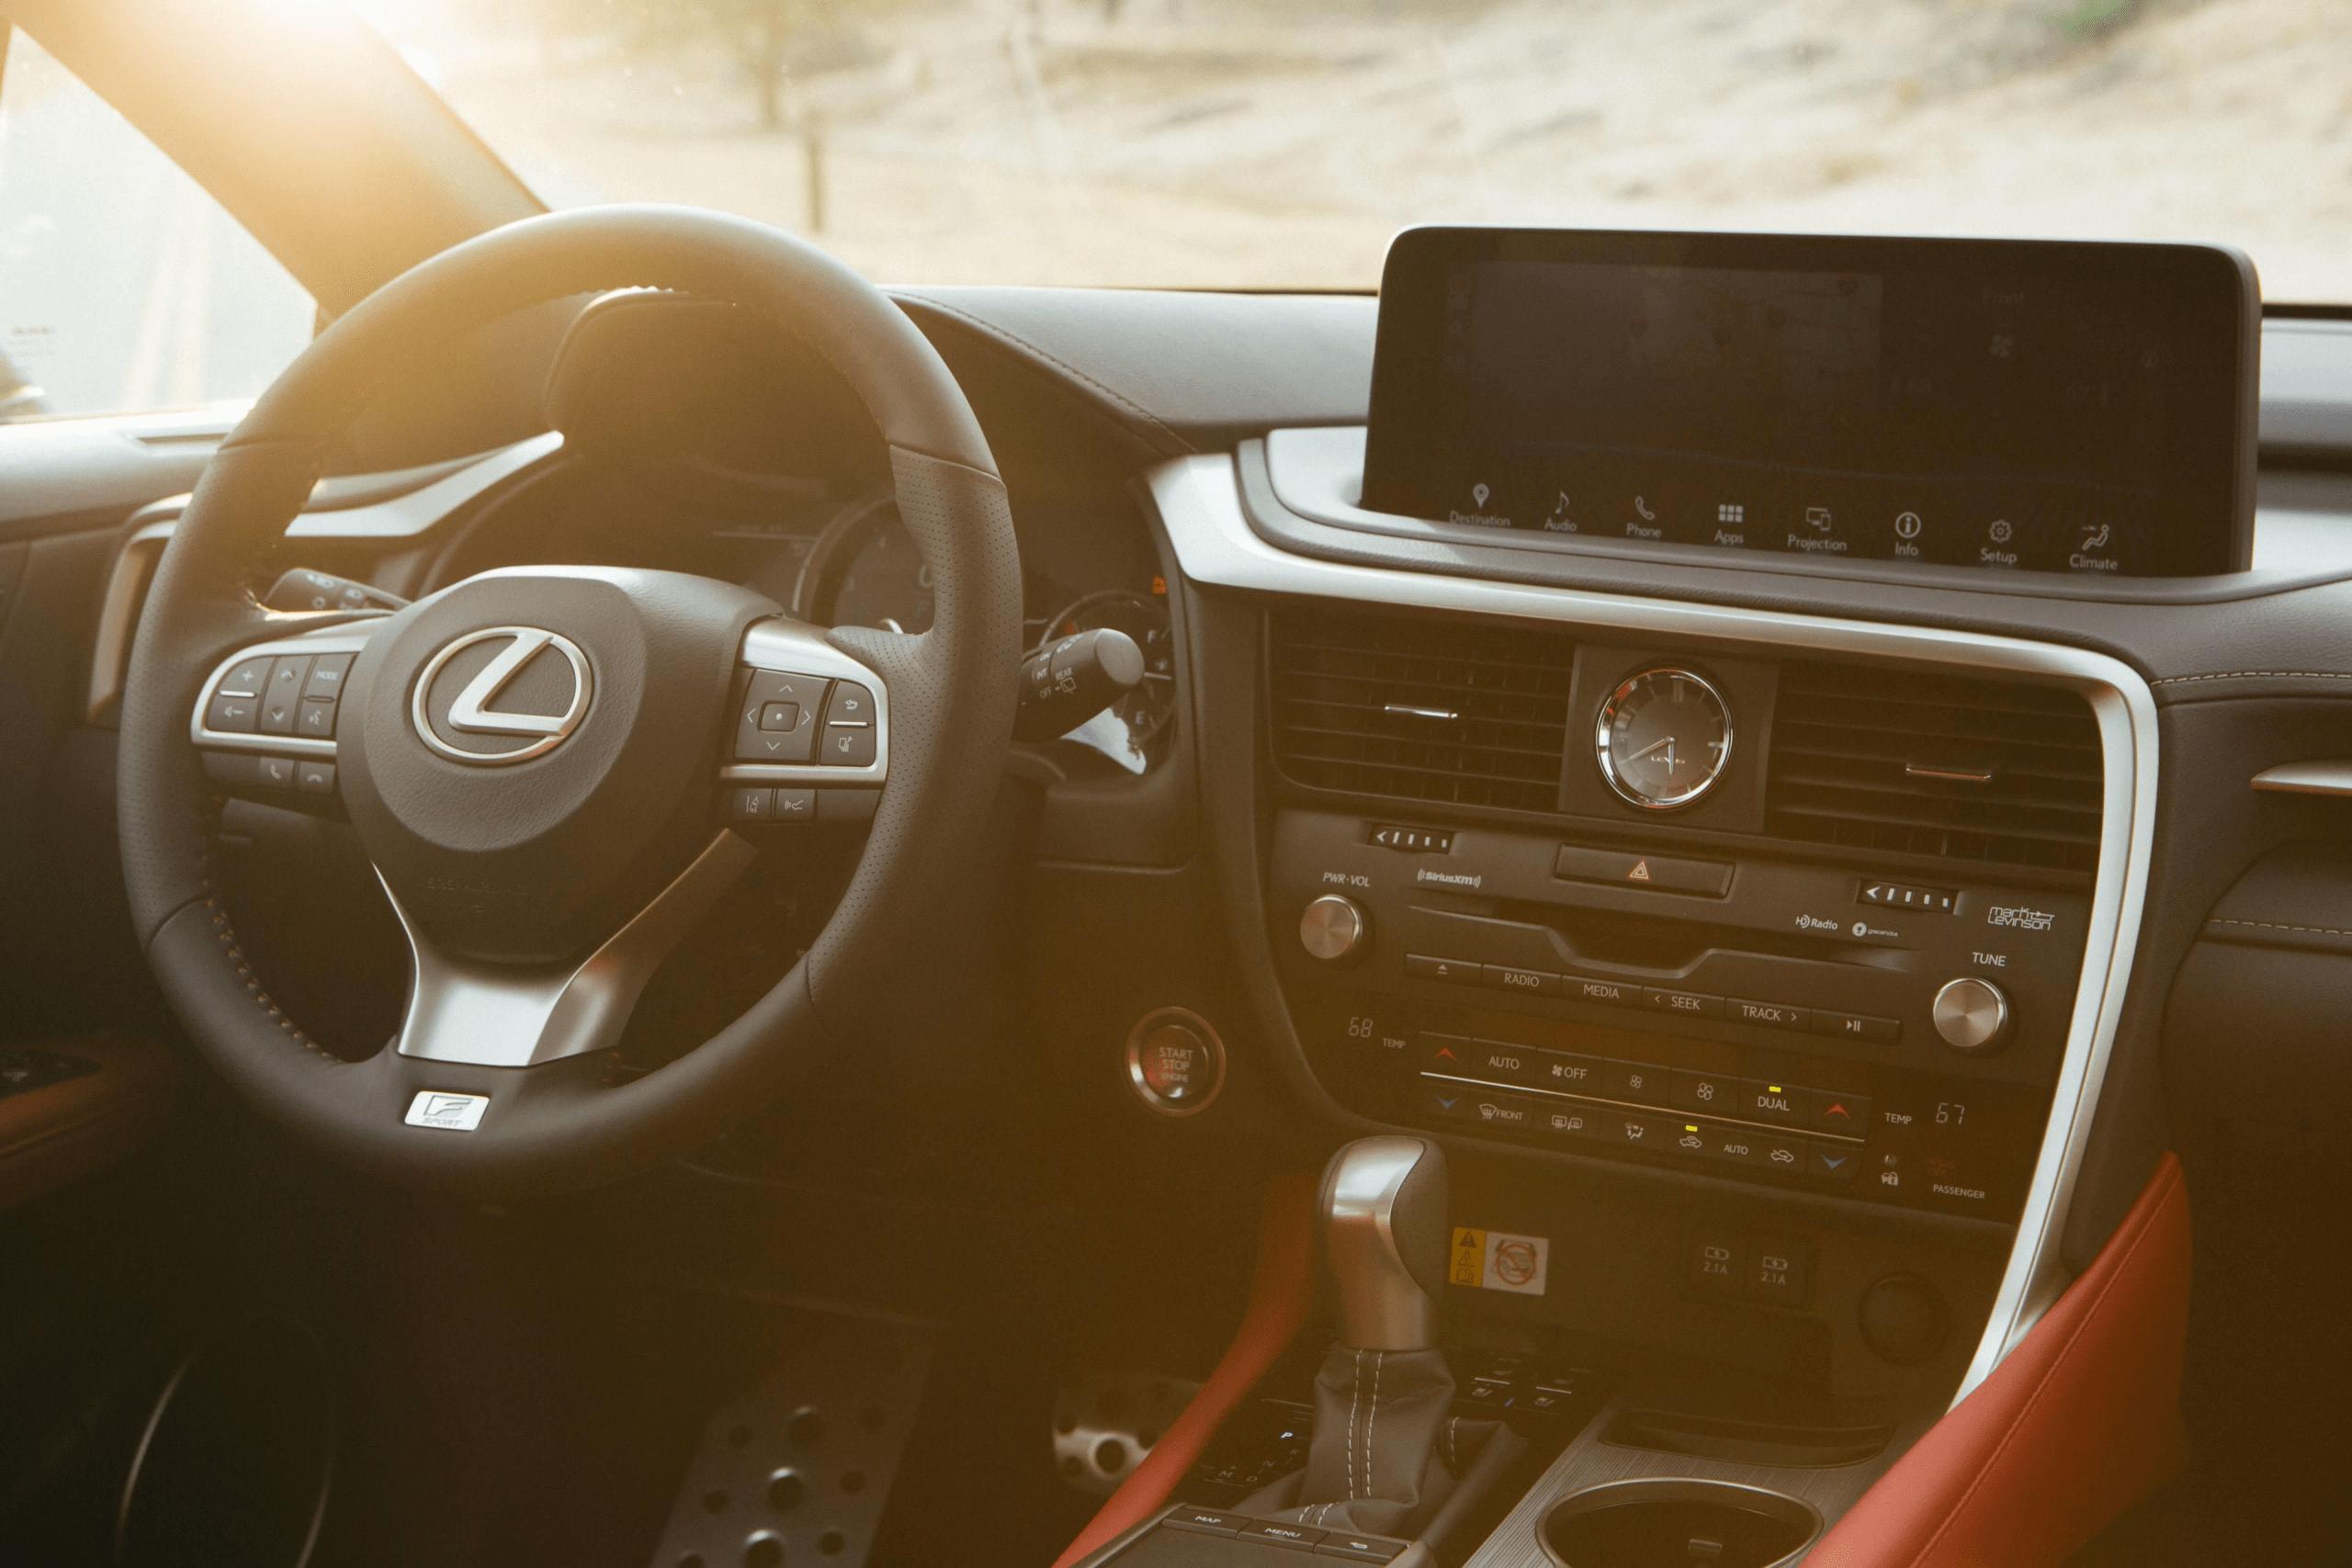 2021 Lexus Is350 Ratings In 2020 Lexus Rx 350 Lexus Models Apple Car Play